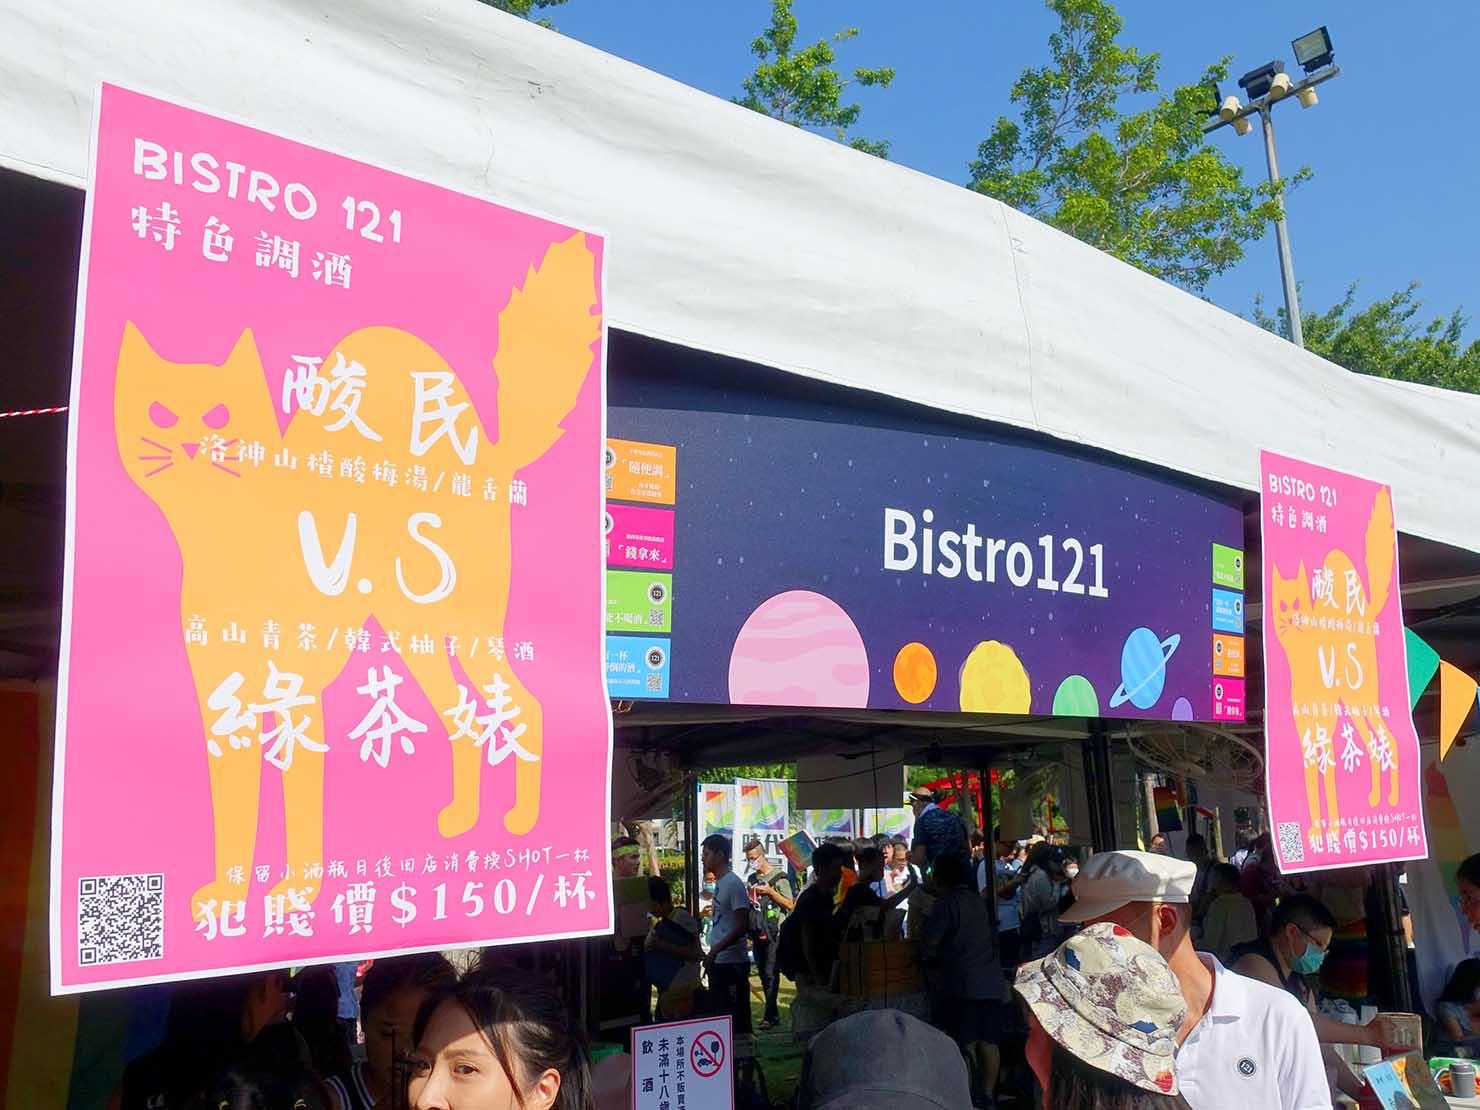 台湾・桃園のLGBTプライド「桃園彩虹野餐日」2020会場でドリンクを販売する特設ブース